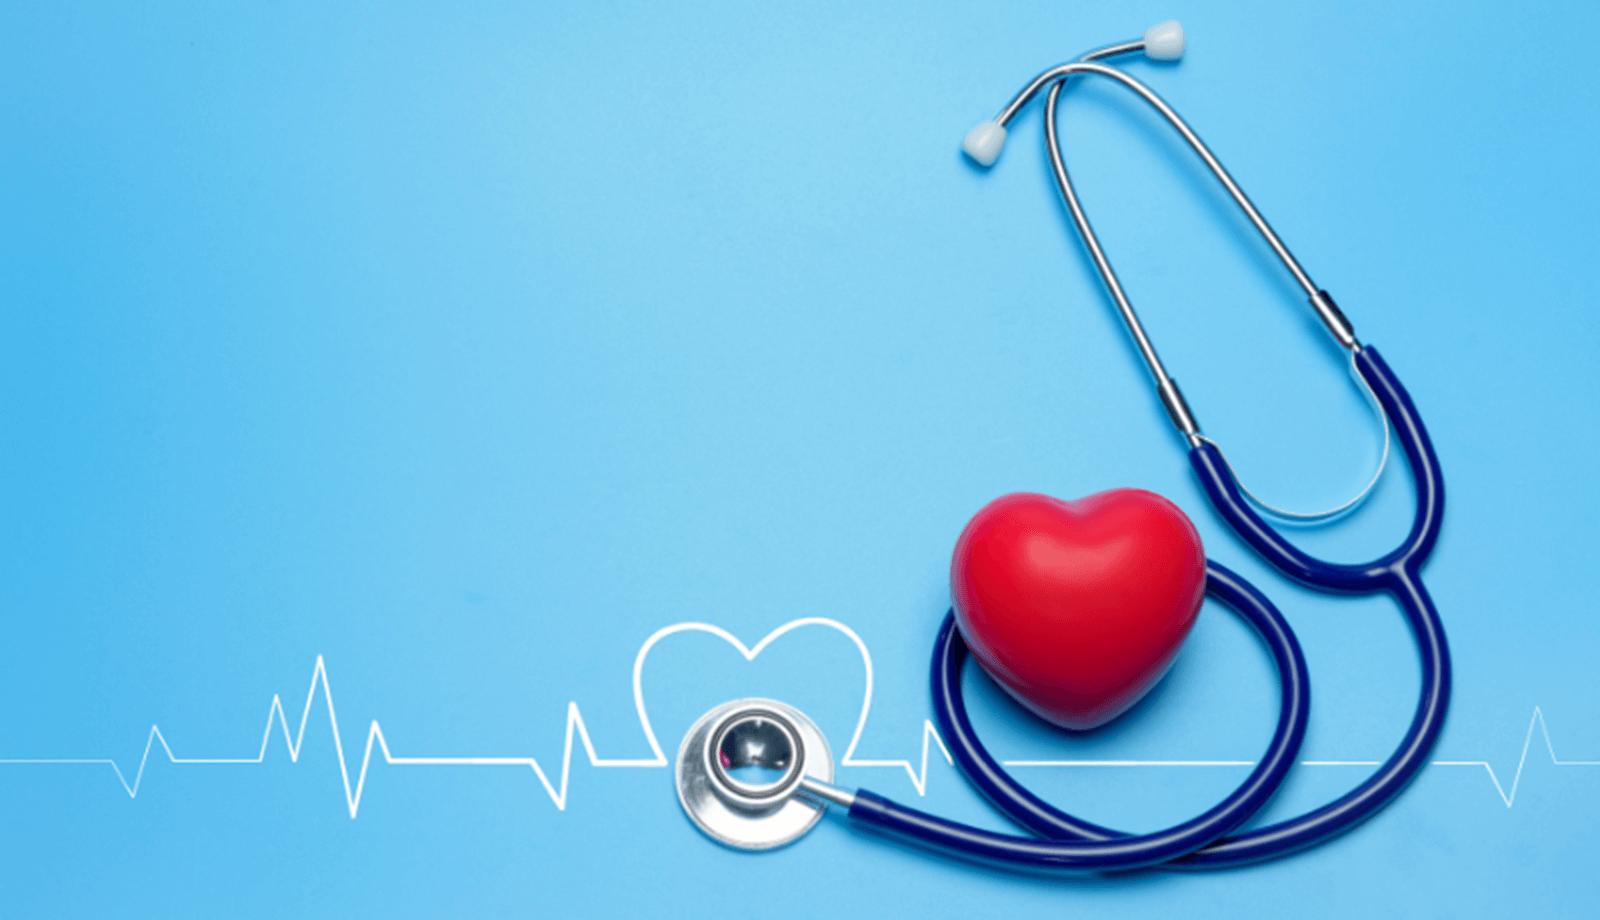 a magas vérnyomás örökletes betegség vagy sem magas vérnyomás stroke